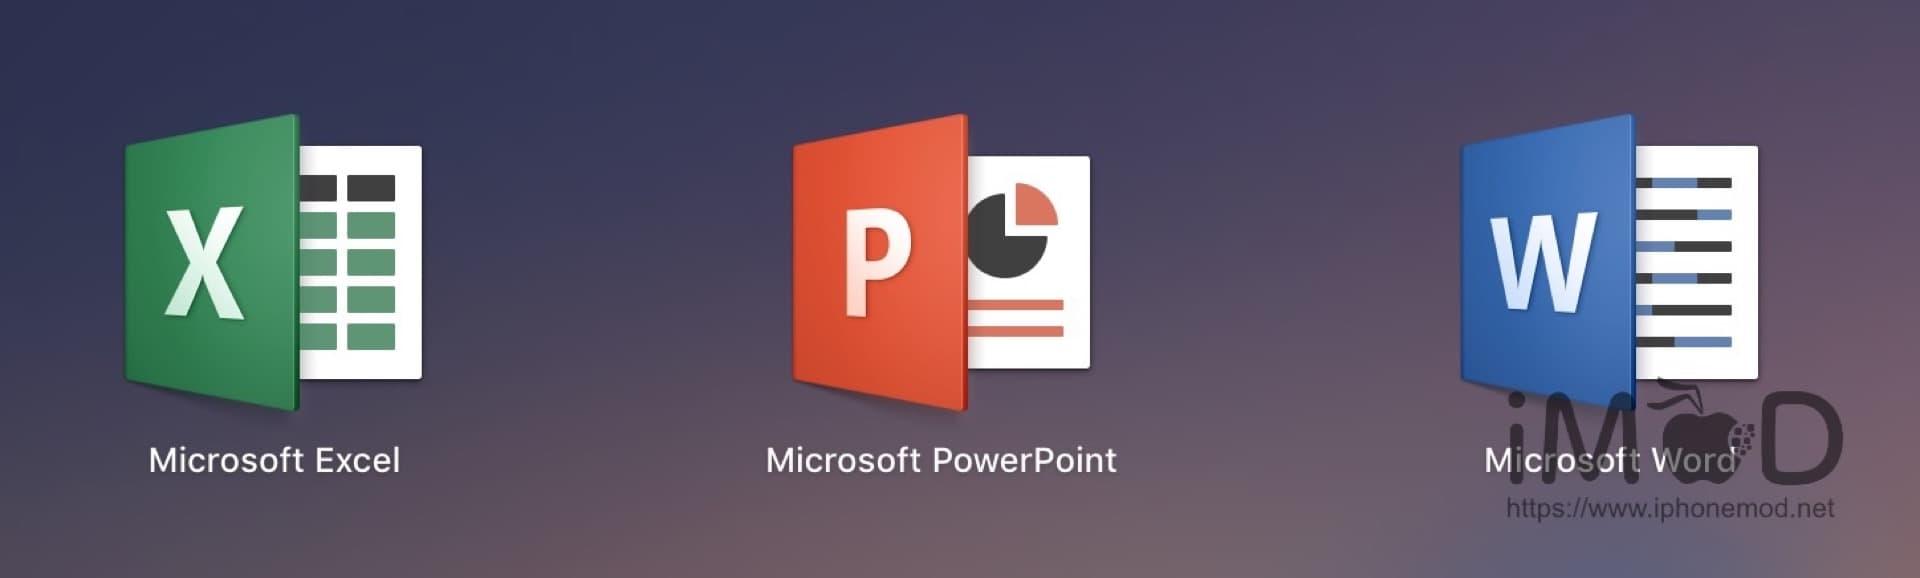 Office 365 Kku Mac 6